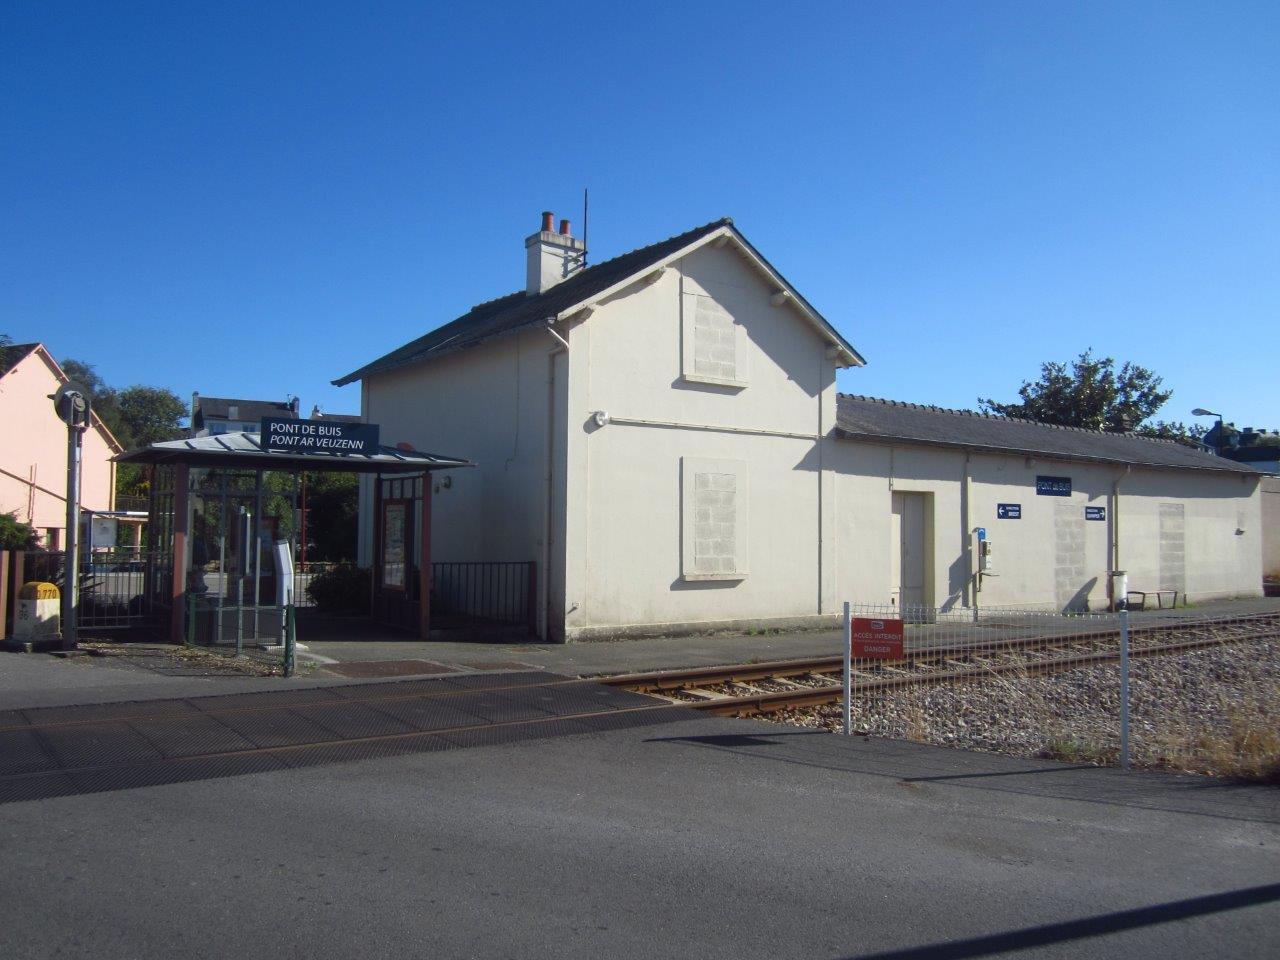 gare-de-pont-de-buis-train-station